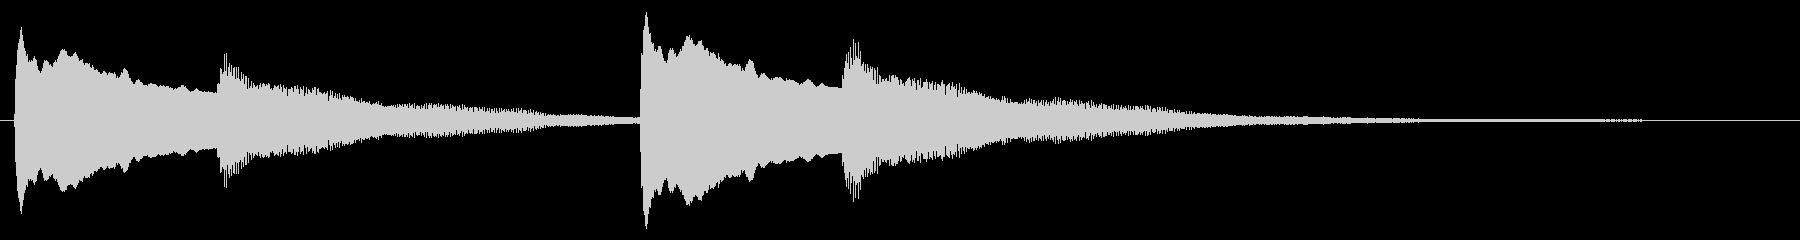 ハープシコードの音色でピンポンの未再生の波形